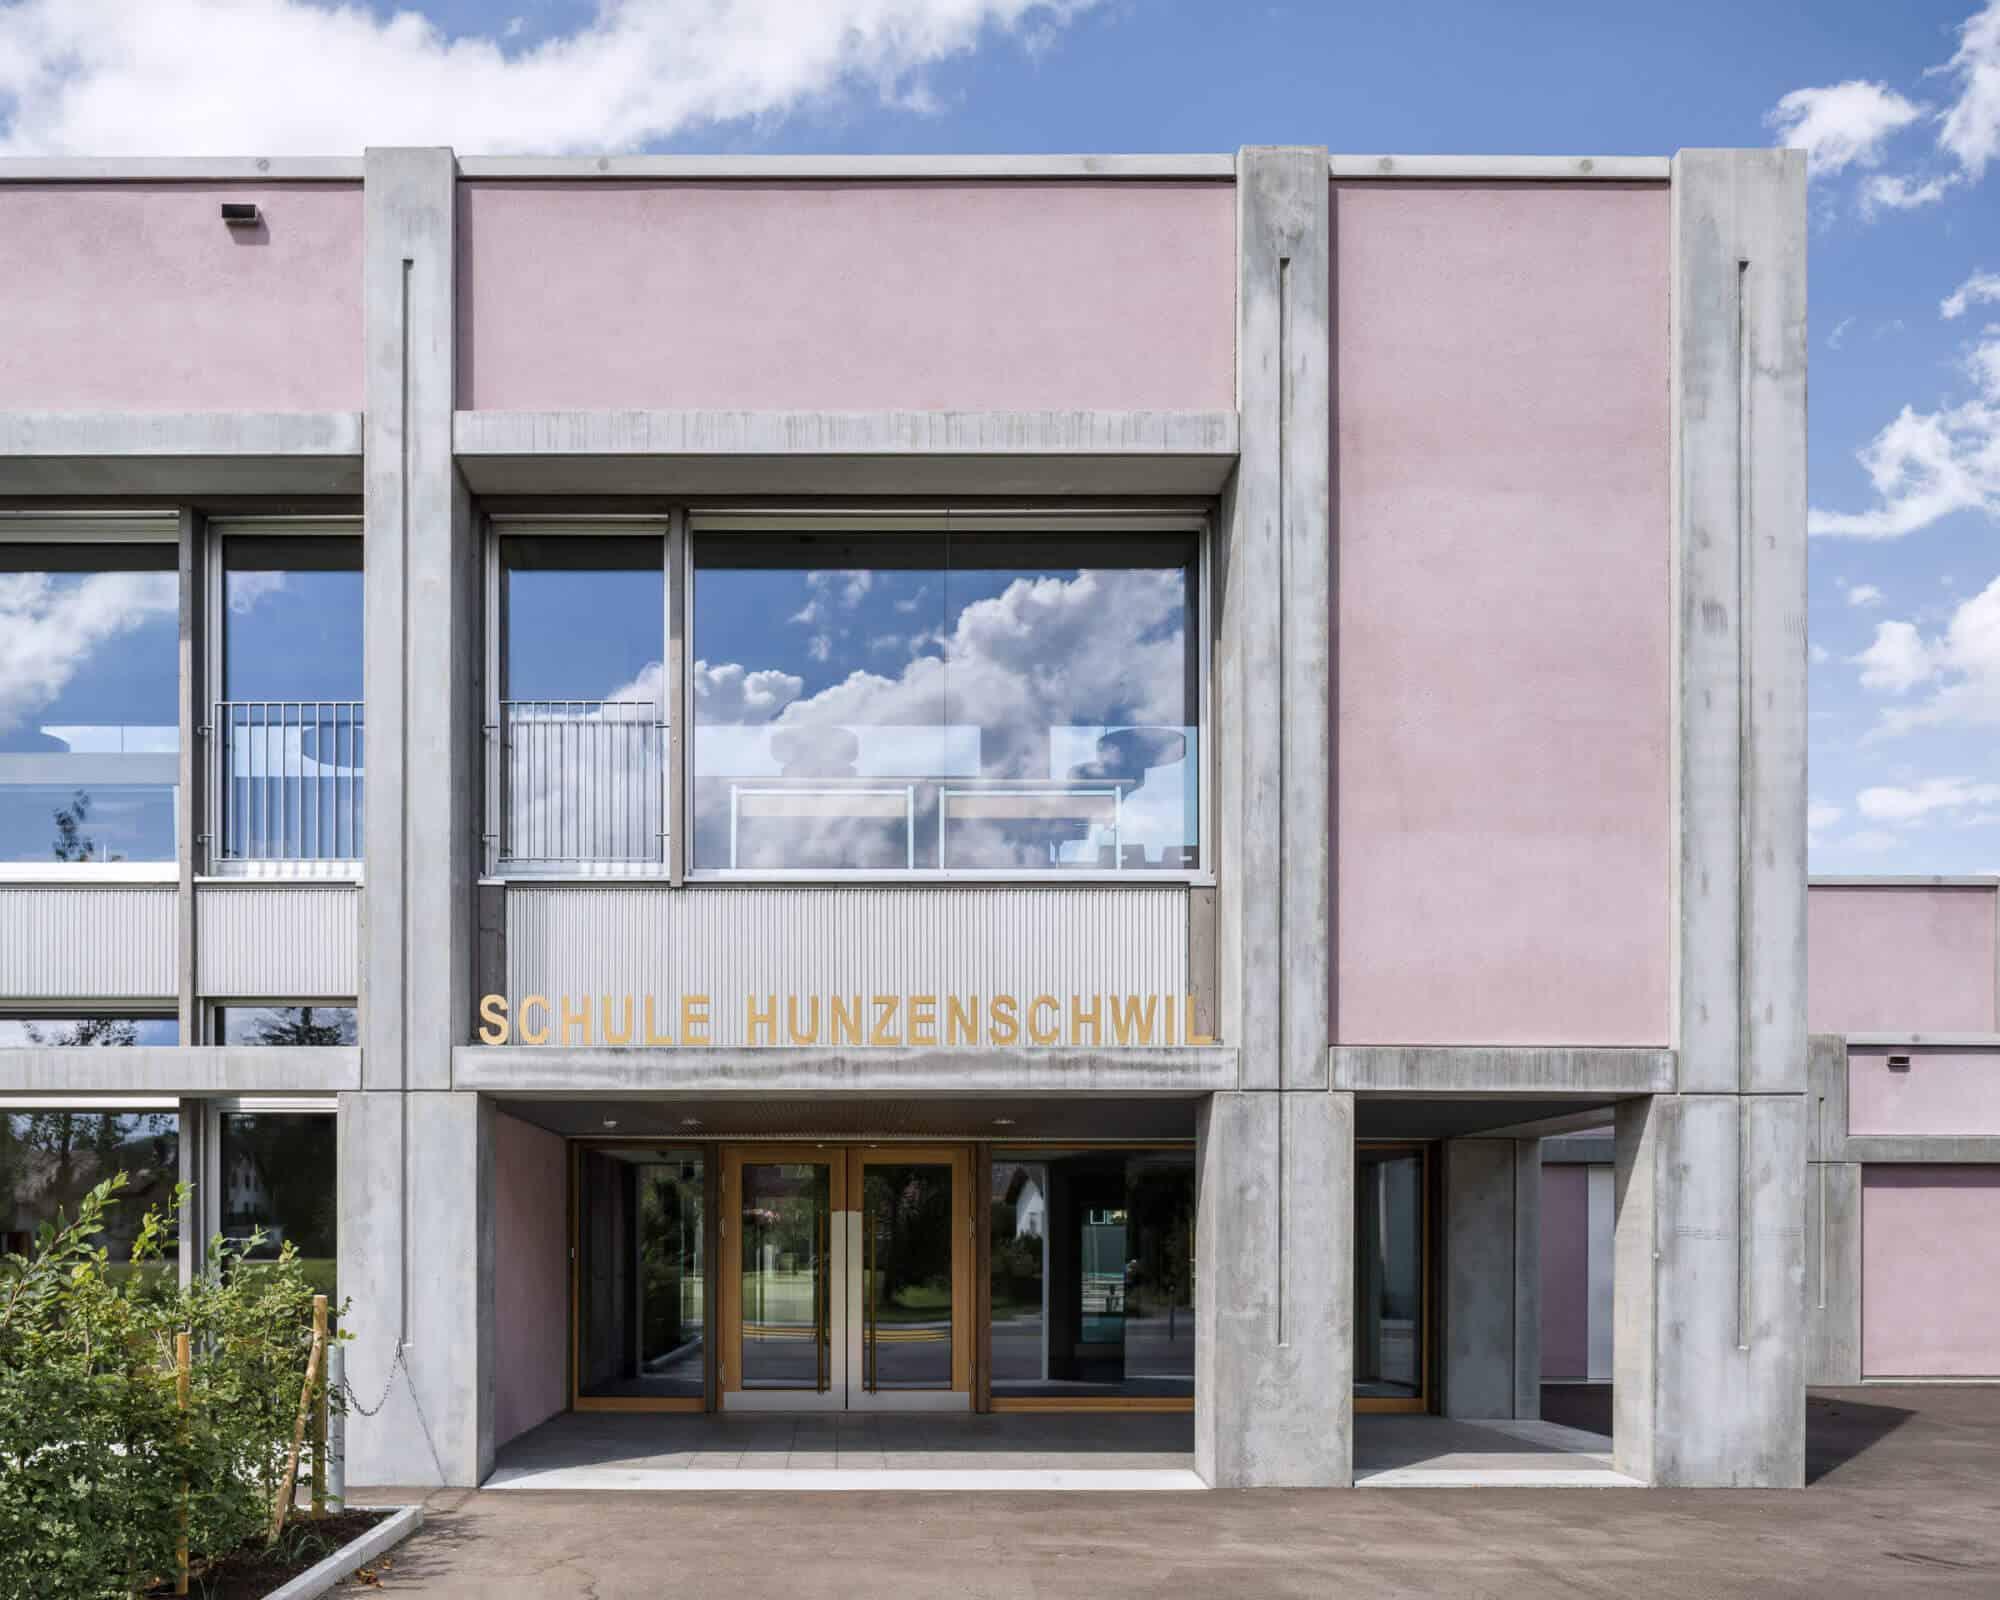 Schule Hunzenschwil